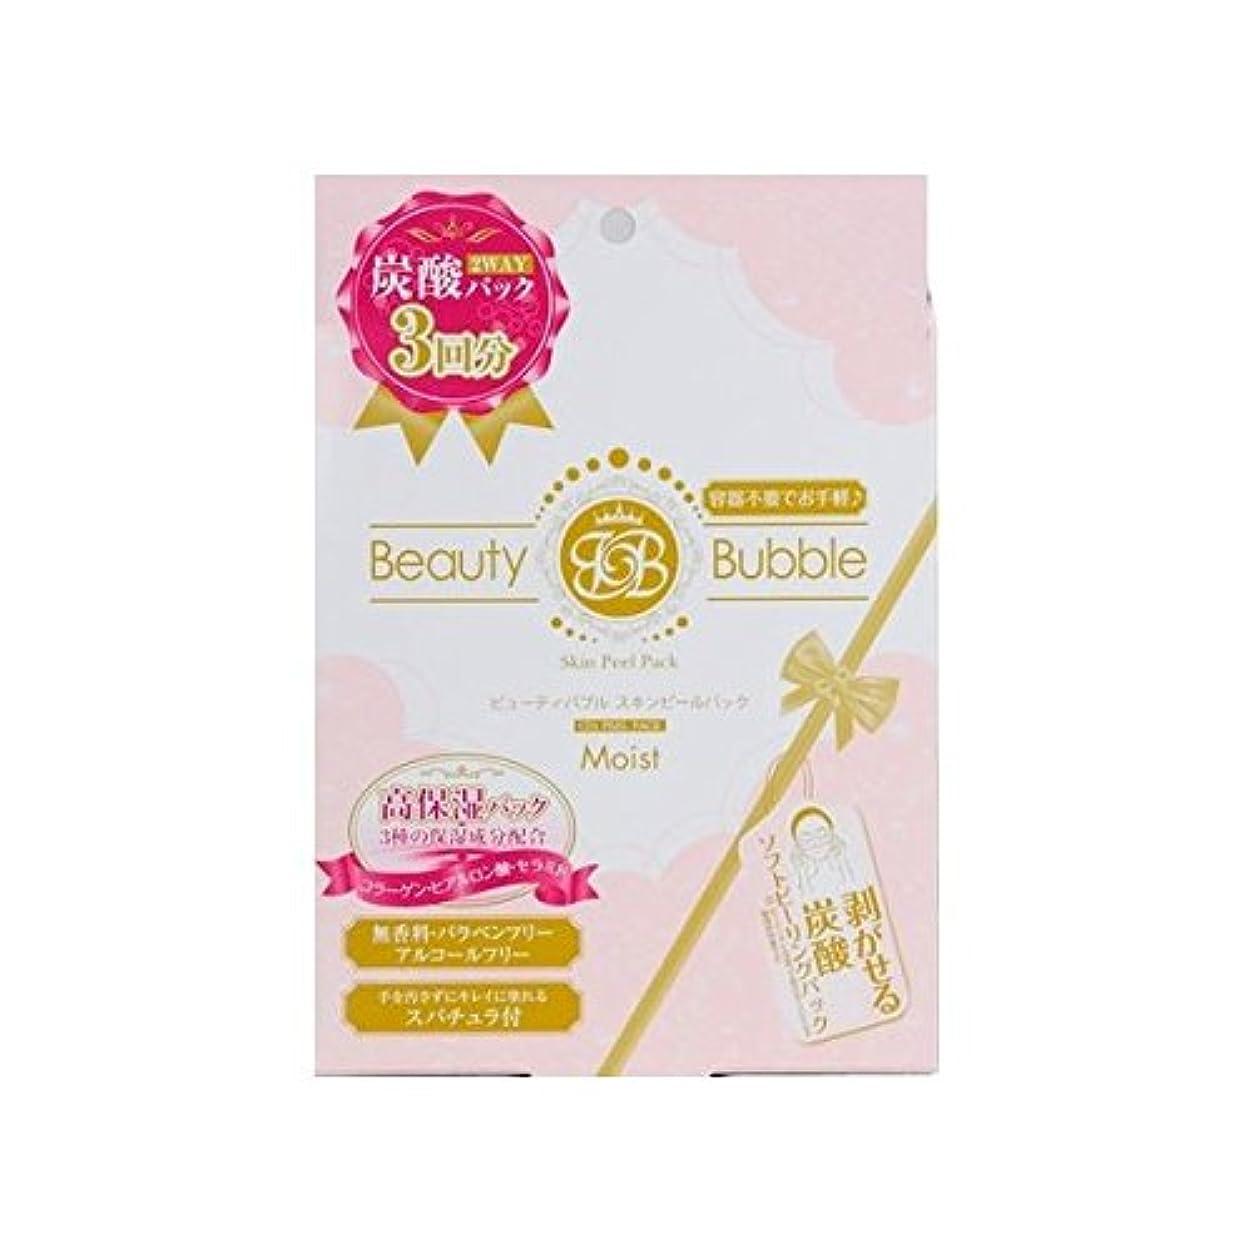 スプレー干し草再びビューティーバブル Beauty Bubble スキンピールパック モイスト 3包タイプ×5セット